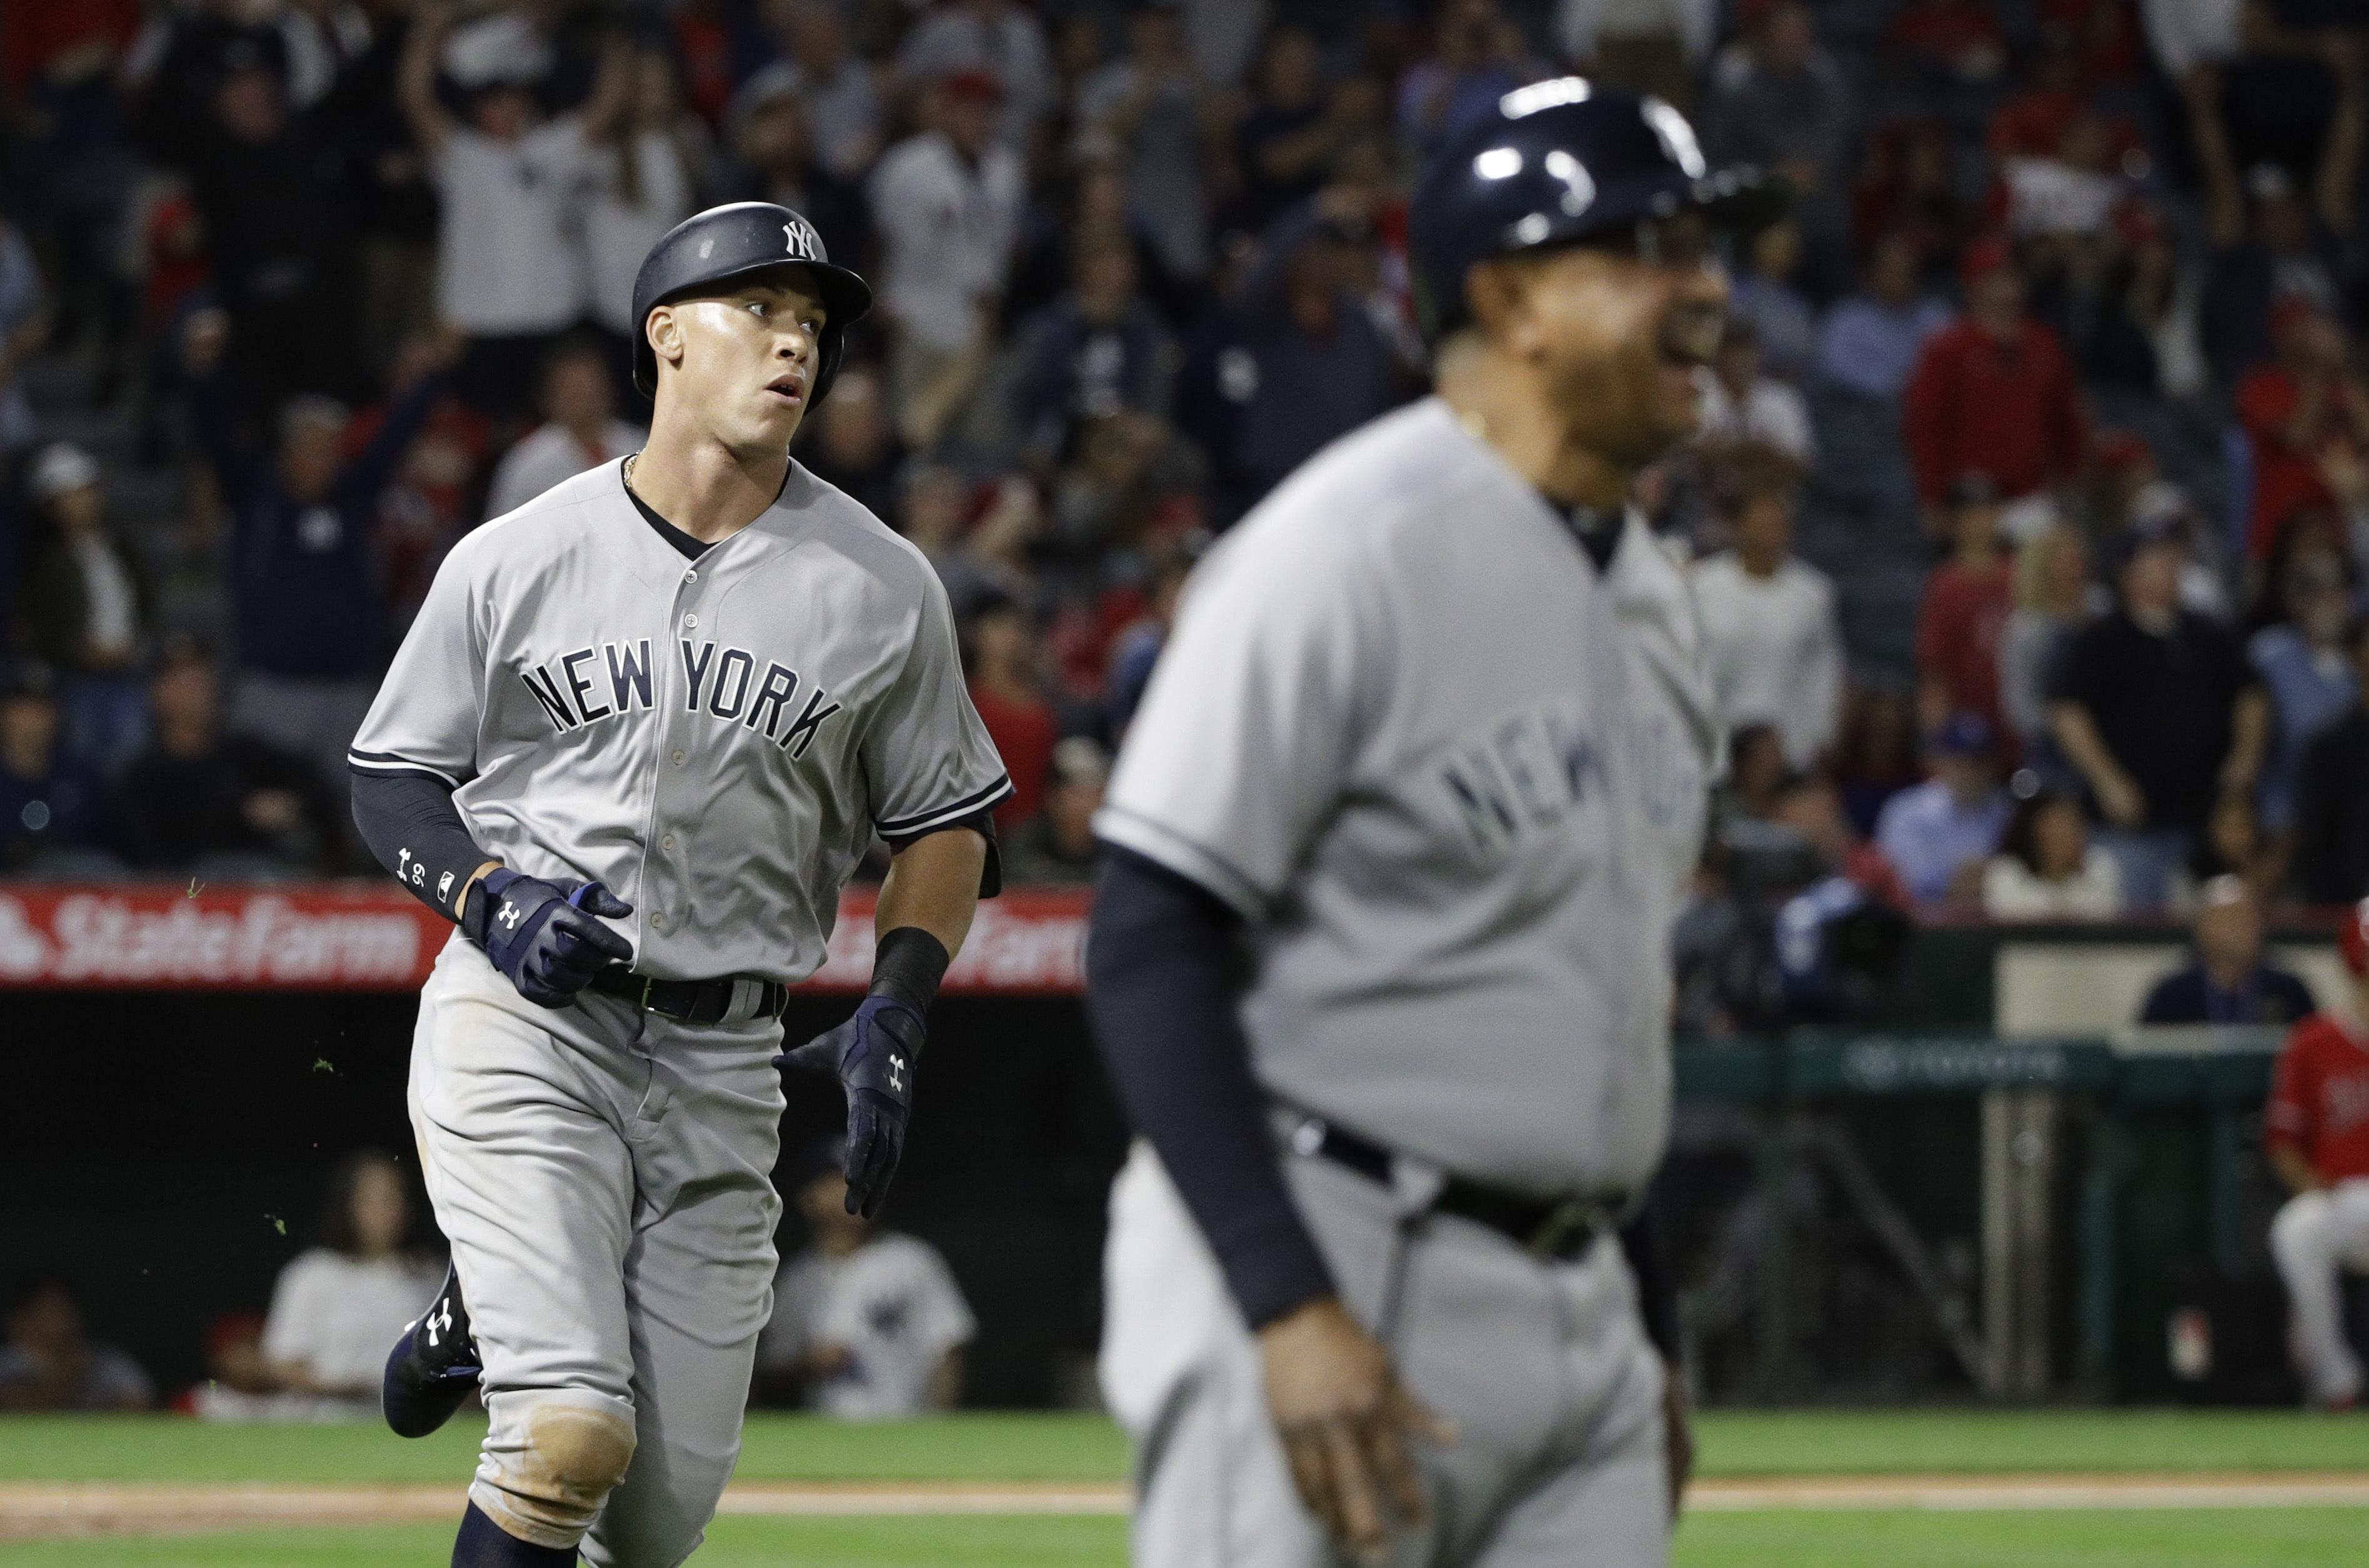 Yankees_angels_baseball_25059